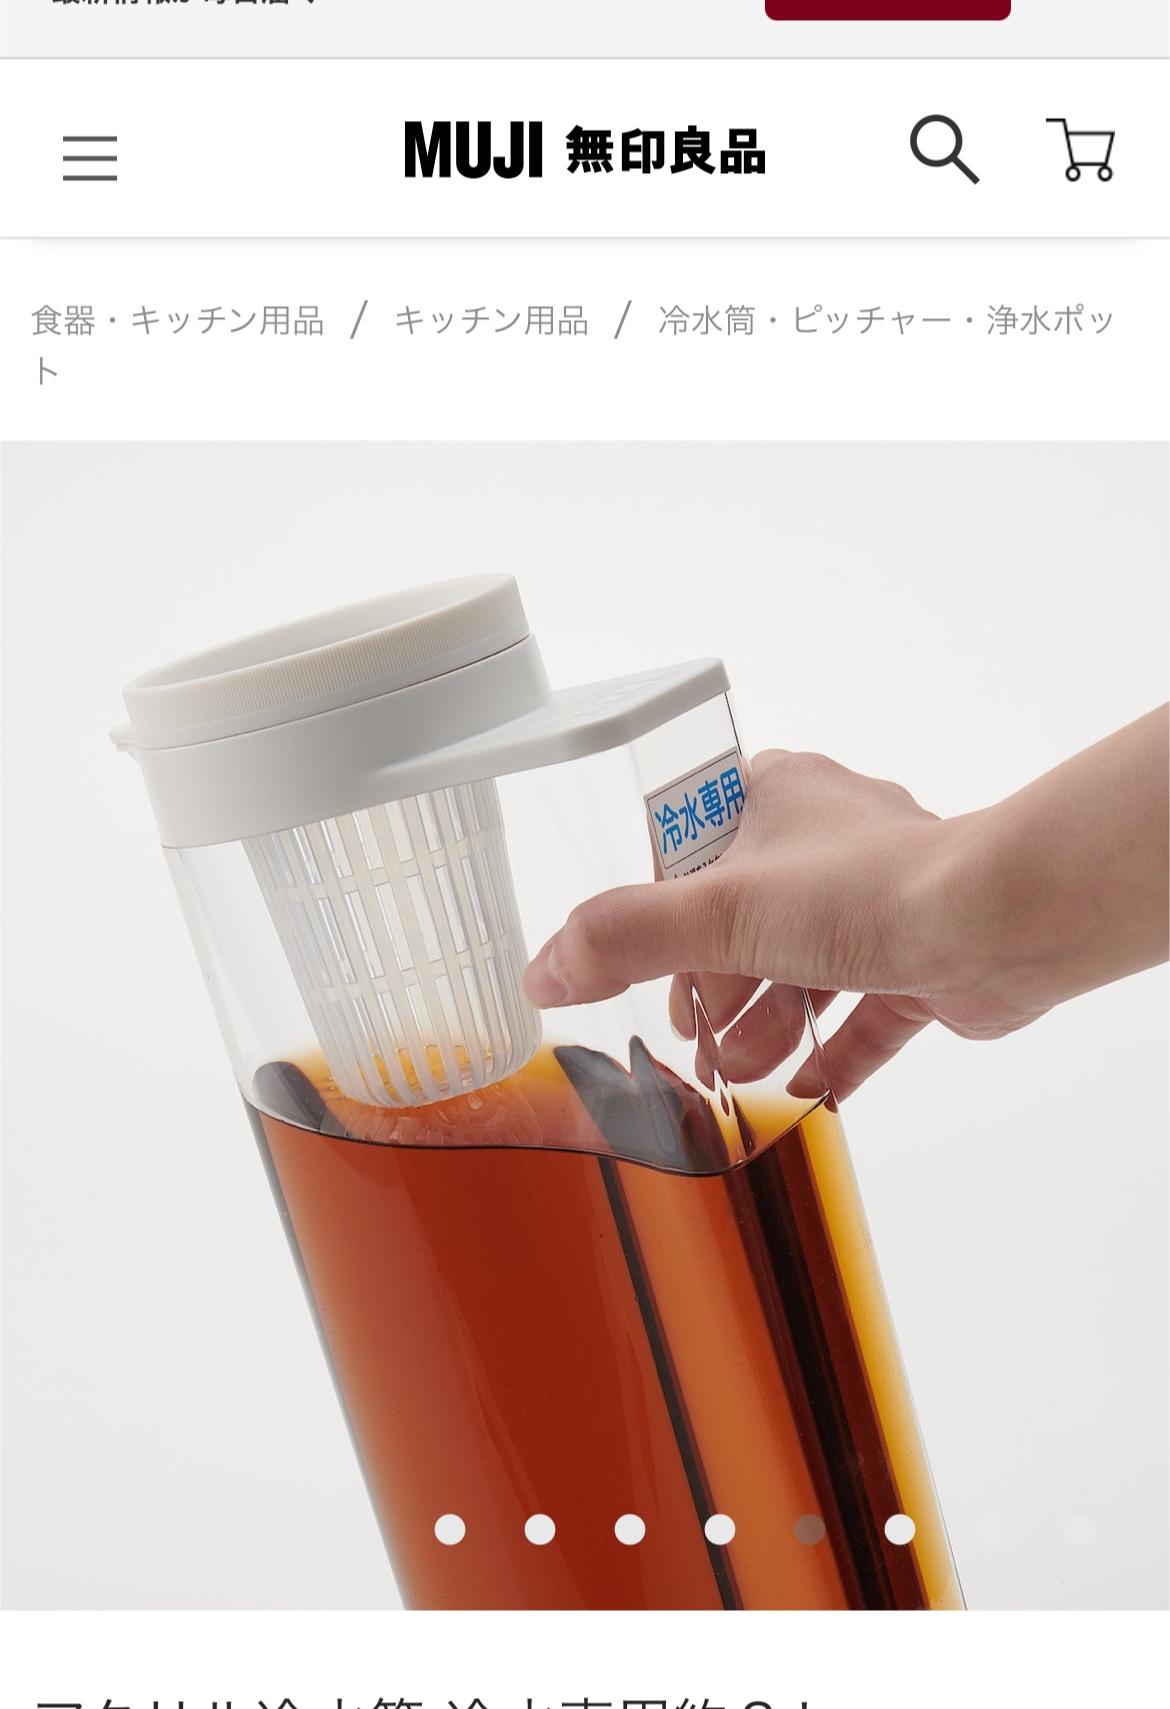 無印良品(MUJI) アクリル冷水筒 冷水専用約2L 44220931の良い点・メリットに関するcocoさんの口コミ画像2